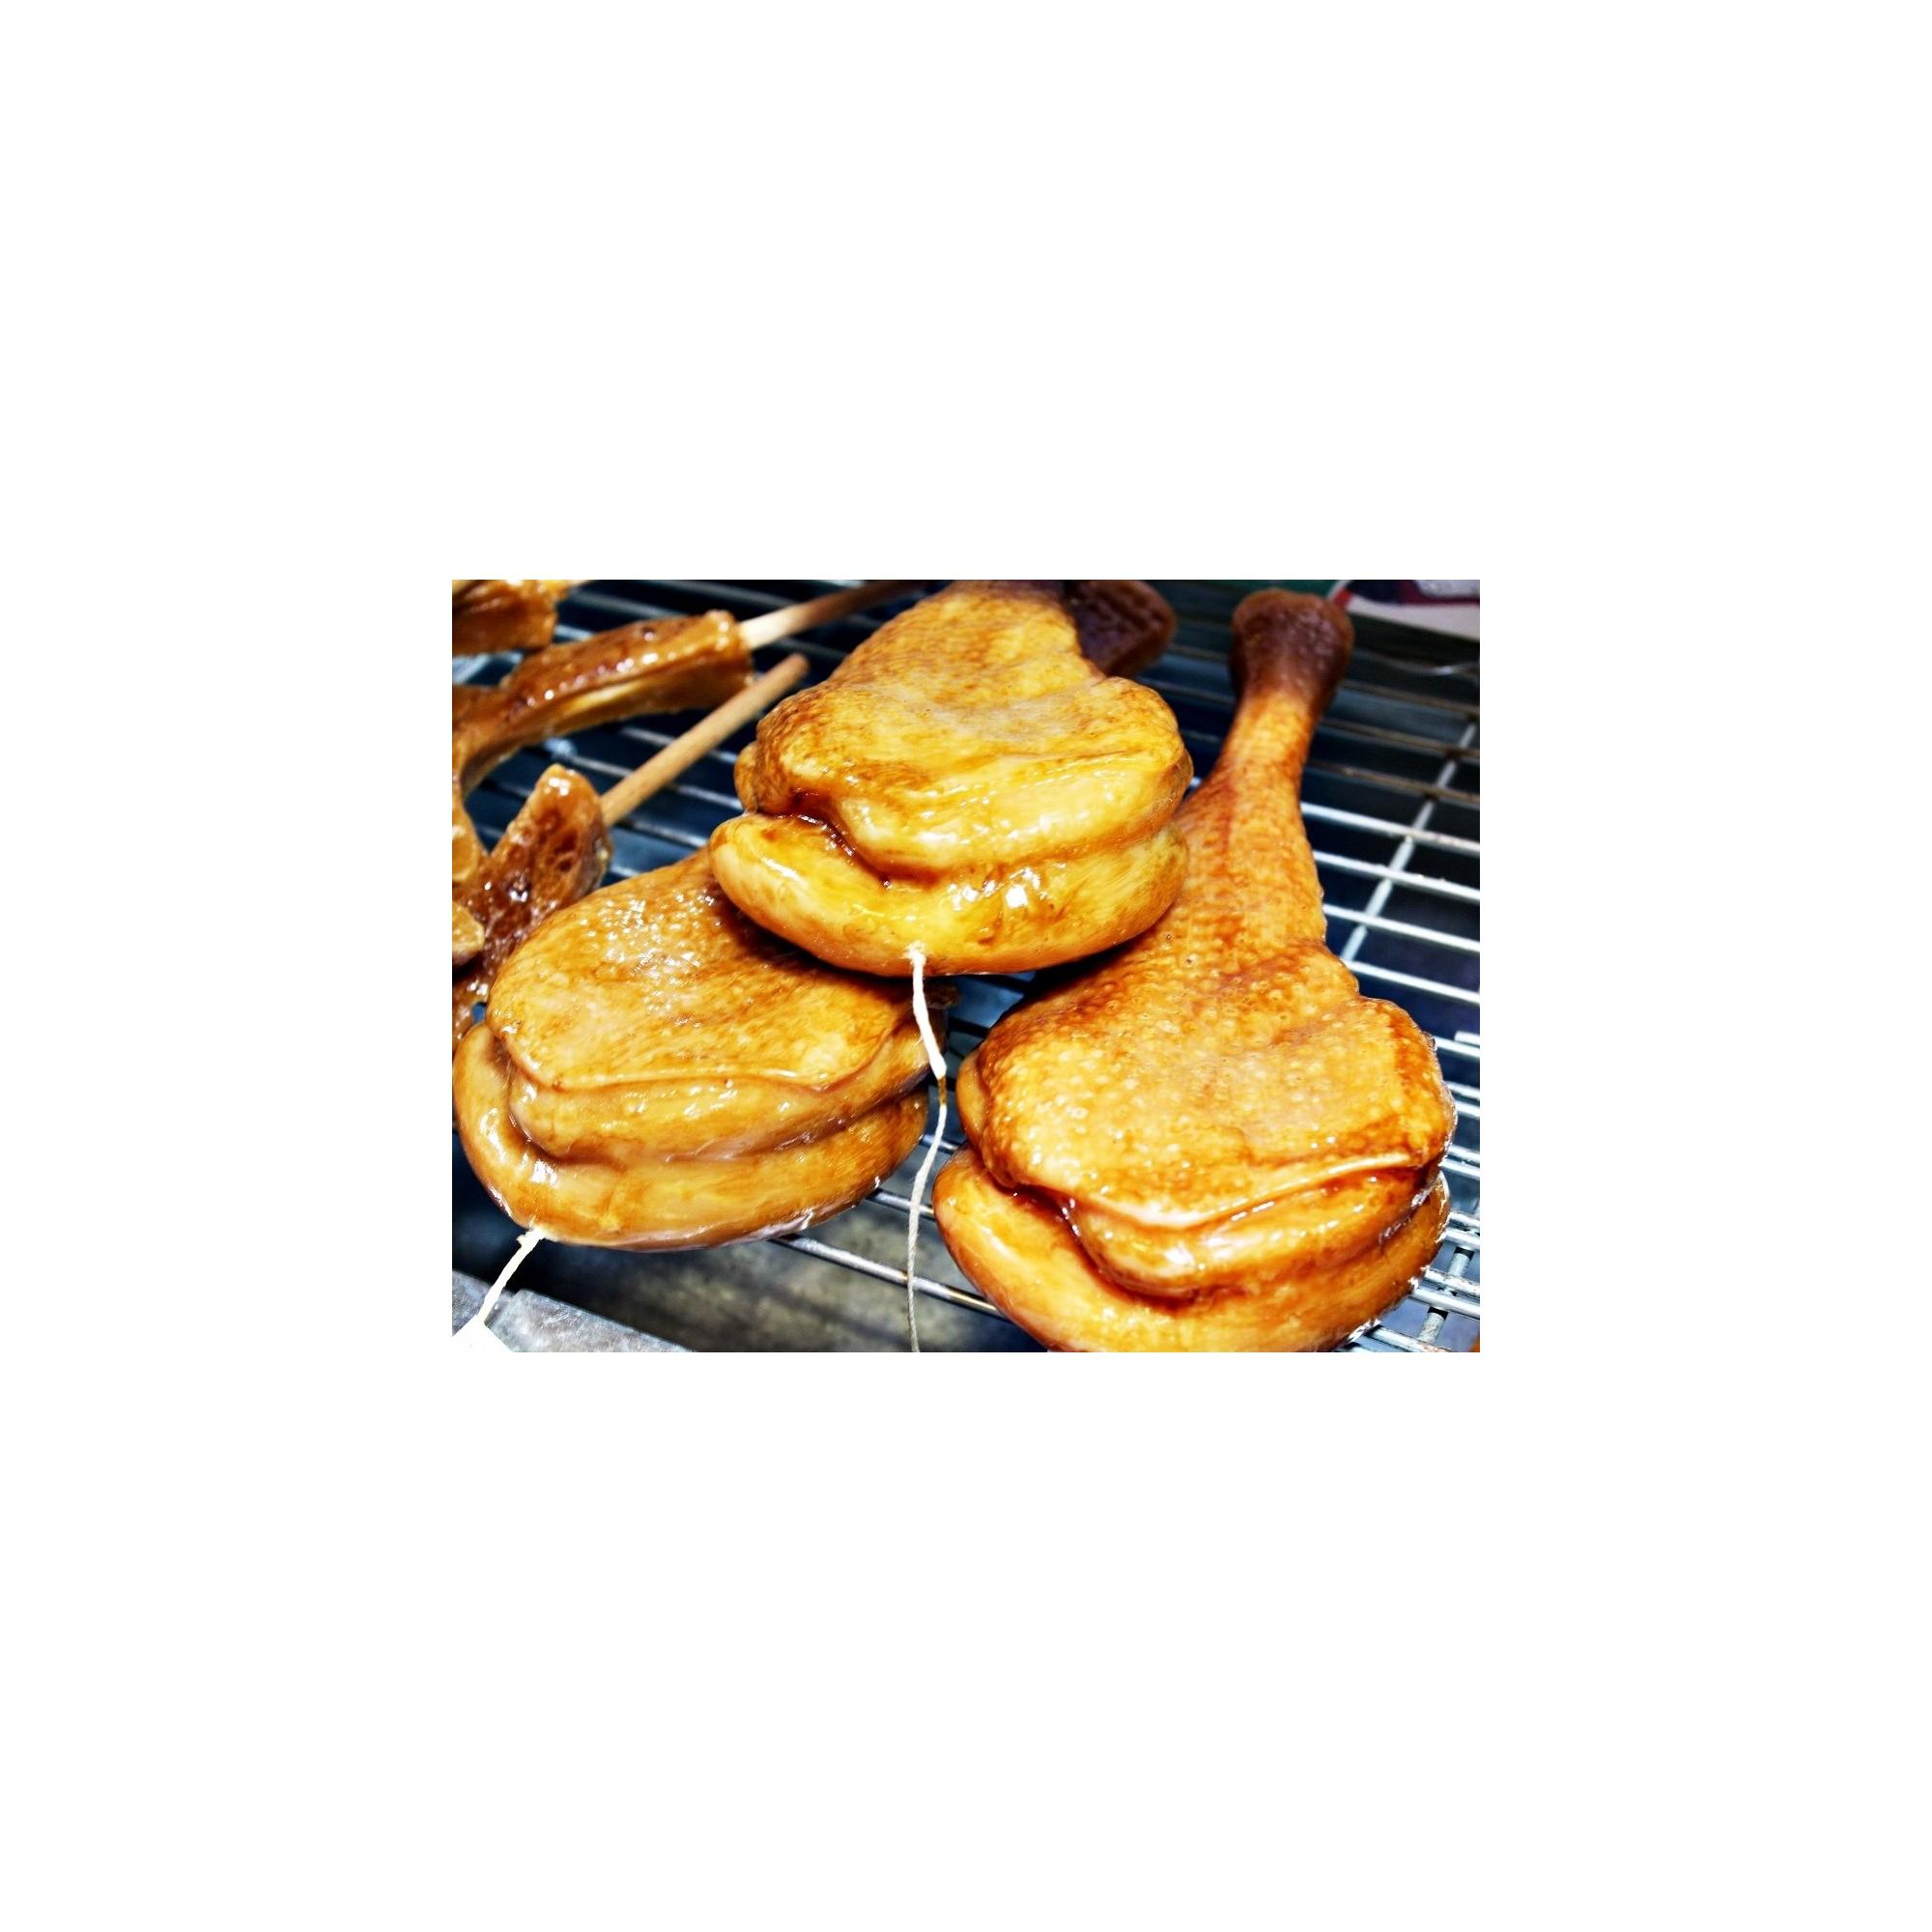 Λαμπάδα μπούτι κοτόπουλο - G2573